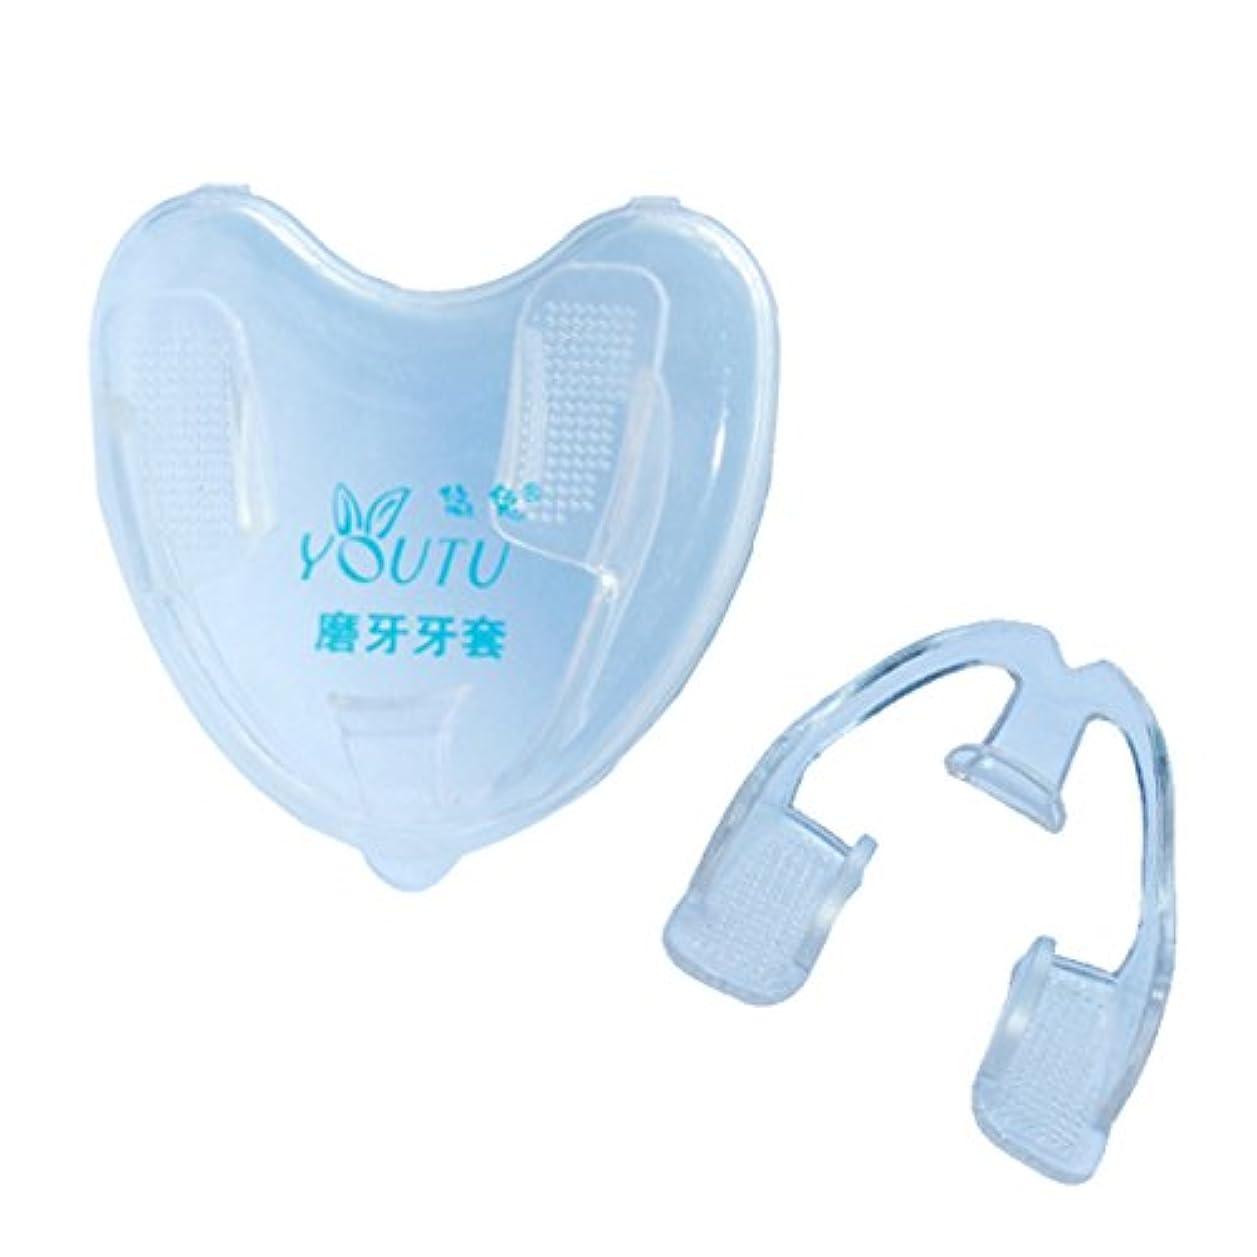 破滅的な消化器仮装シリコーン 歯矯正 デンタルマウスピース 睡眠援助 いびき防止